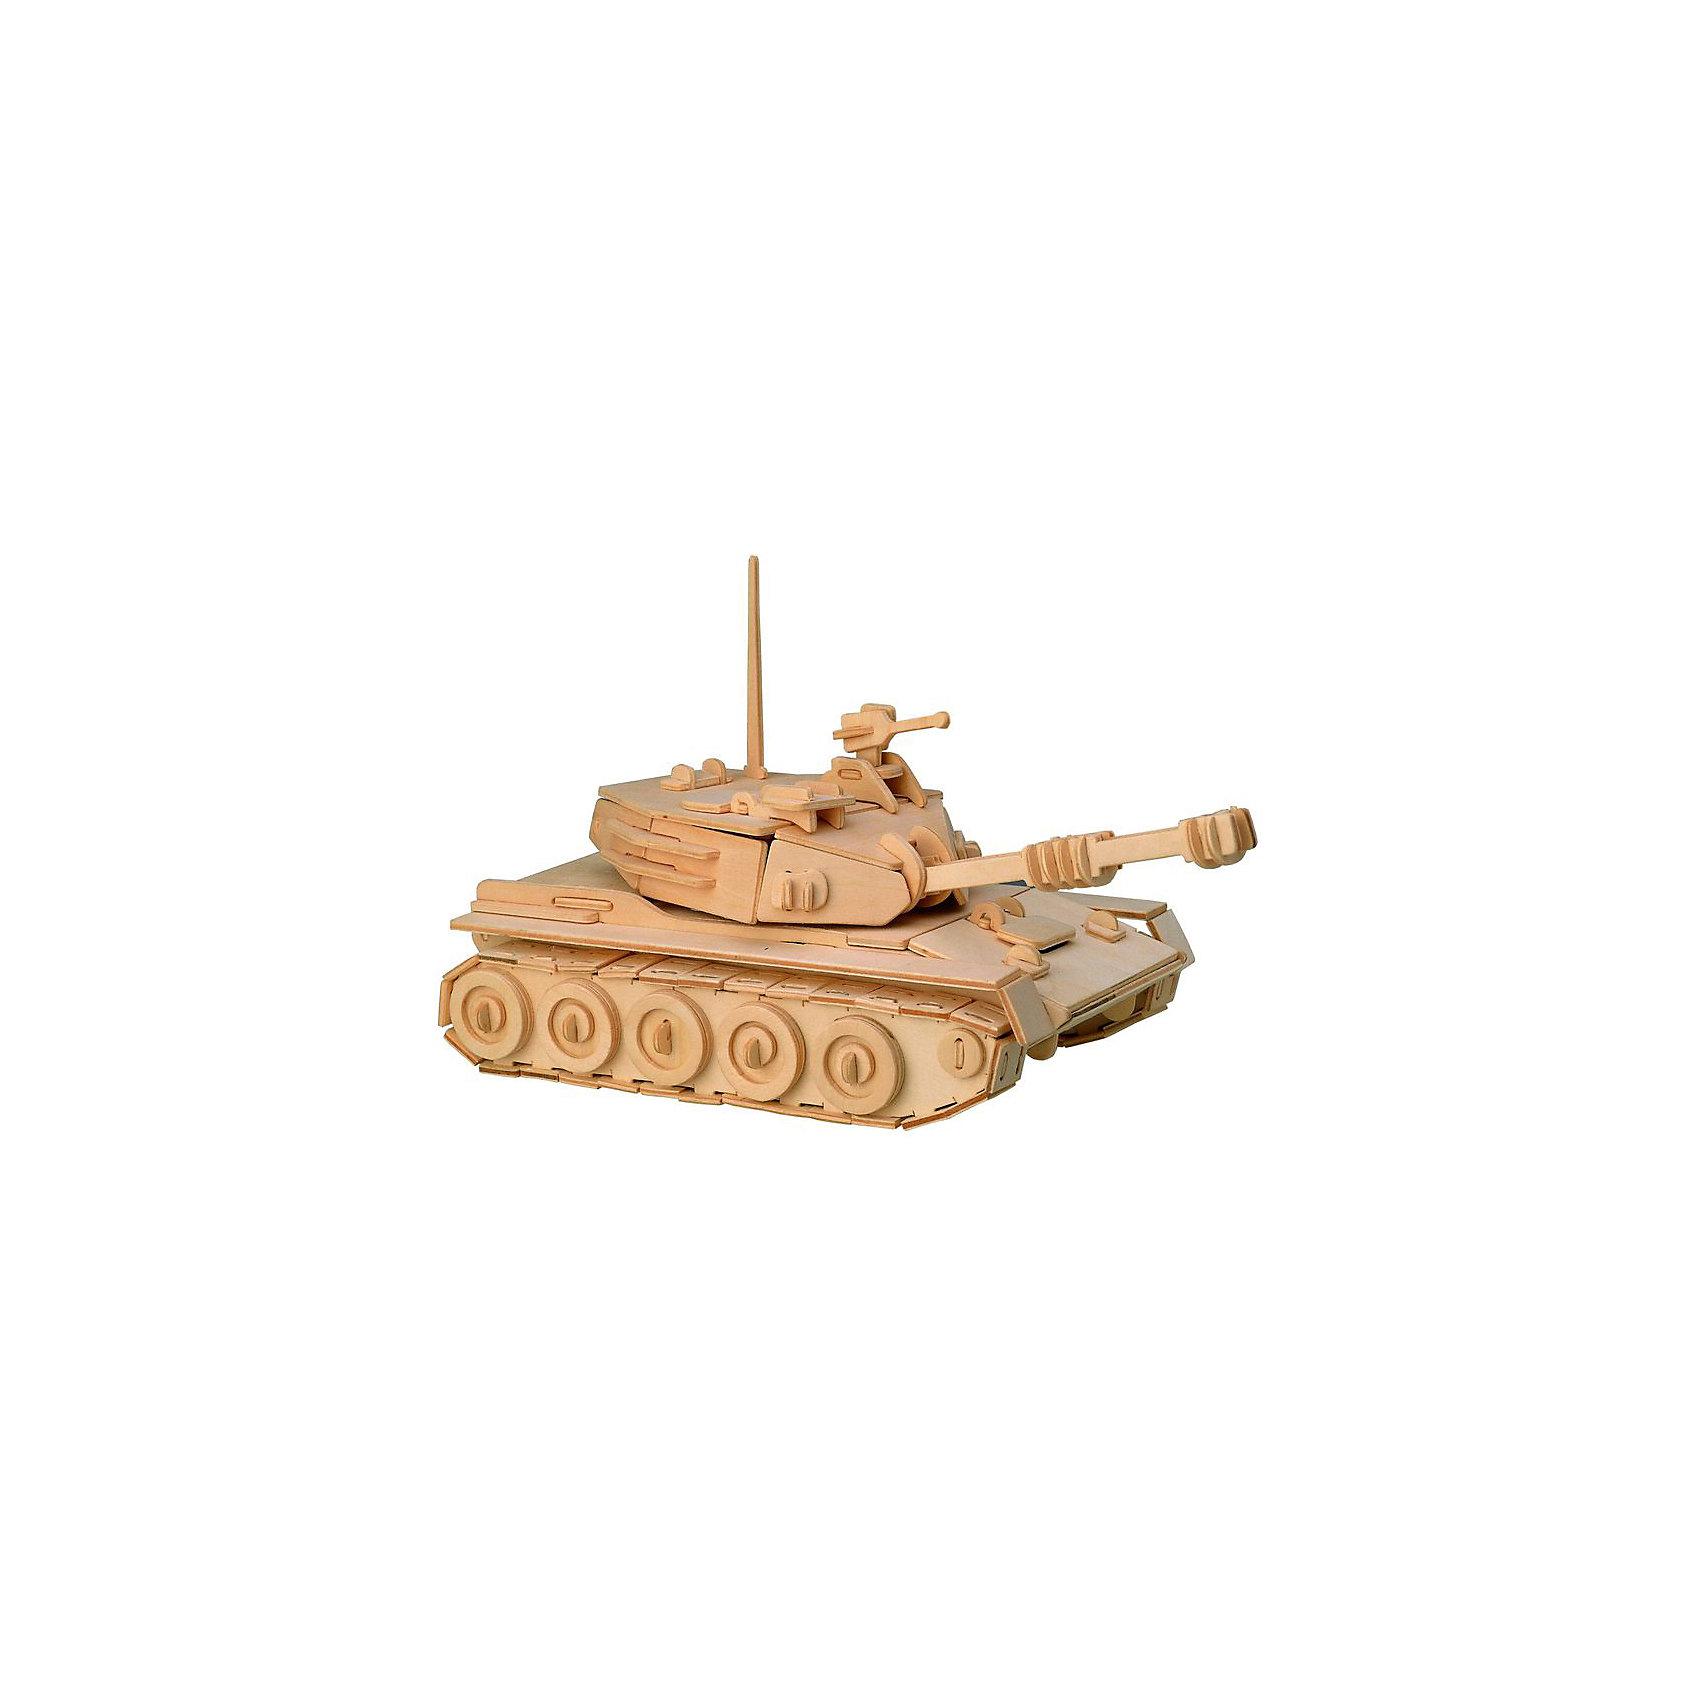 Танк, Мир деревянных игрушекОтличный вариант подарка для любящего военную технику творческого ребенка - этот набор, из которого можно самому сделать красивую деревянную фигуру! Для этого нужно выдавить из пластины с деталями элементы для сборки и соединить их. Из наборов получаются красивые очень реалистичные игрушки, которые могут стать украшением комнаты.<br>Собирая их, ребенок будет развивать пространственное мышление, память и мелкую моторику. А раскрашивая готовое произведение, дети научатся подбирать цвета и будут развивать художественные навыки. Этот набор произведен из качественных и безопасных для детей материалов - дерево тщательно обработано.<br><br>Дополнительная информация:<br><br>материал: дерево;<br>цвет: бежевый;<br>элементы: пластины с деталями для сборки, схема сборки;<br>размер упаковки: 23 х 18 см.<br><br>3D-пазл Танк от бренда Мир деревянных игрушек можно купить в нашем магазине.<br><br>Ширина мм: 350<br>Глубина мм: 50<br>Высота мм: 225<br>Вес г: 9999<br>Возраст от месяцев: 36<br>Возраст до месяцев: 144<br>Пол: Мужской<br>Возраст: Детский<br>SKU: 4969137